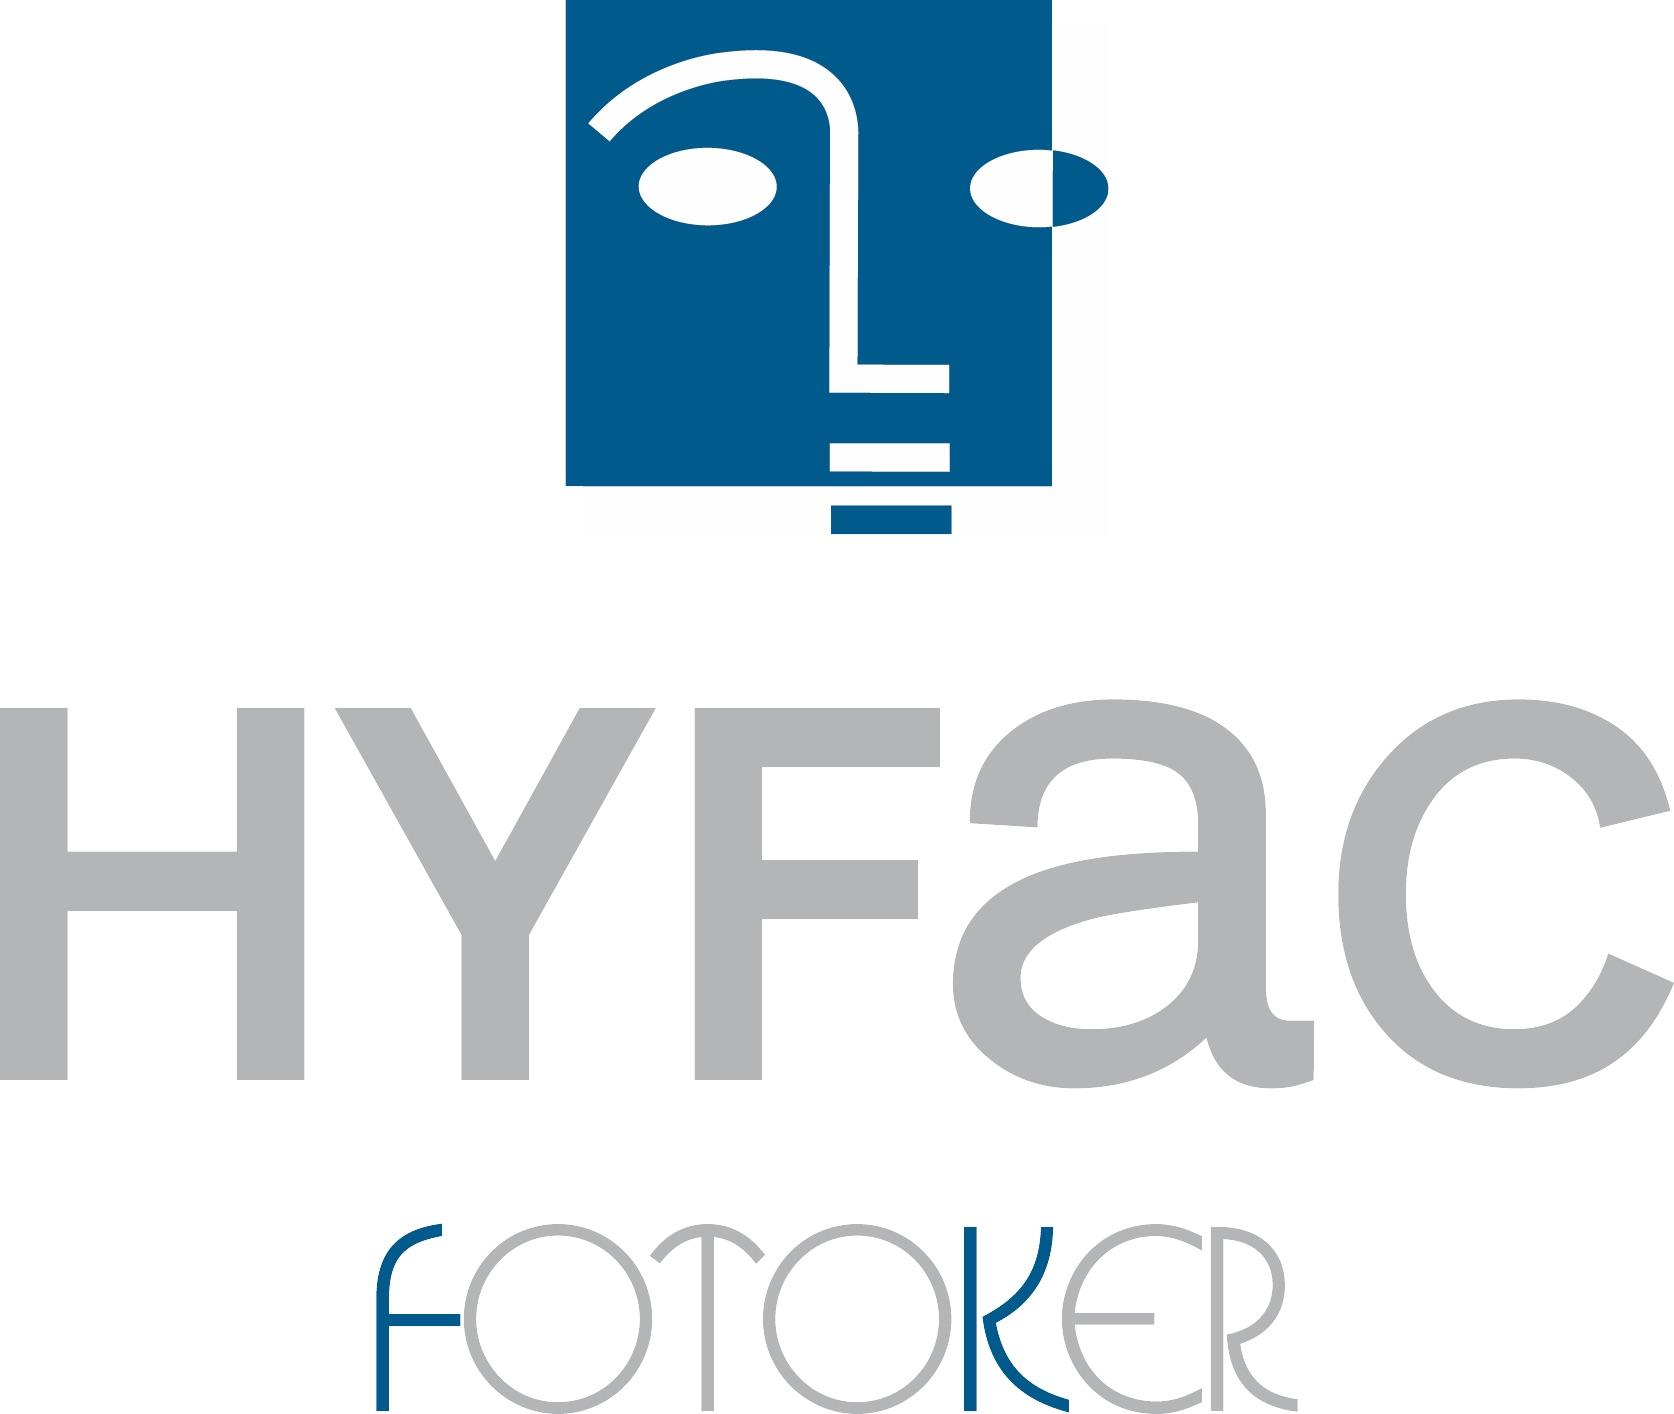 logo fotoker